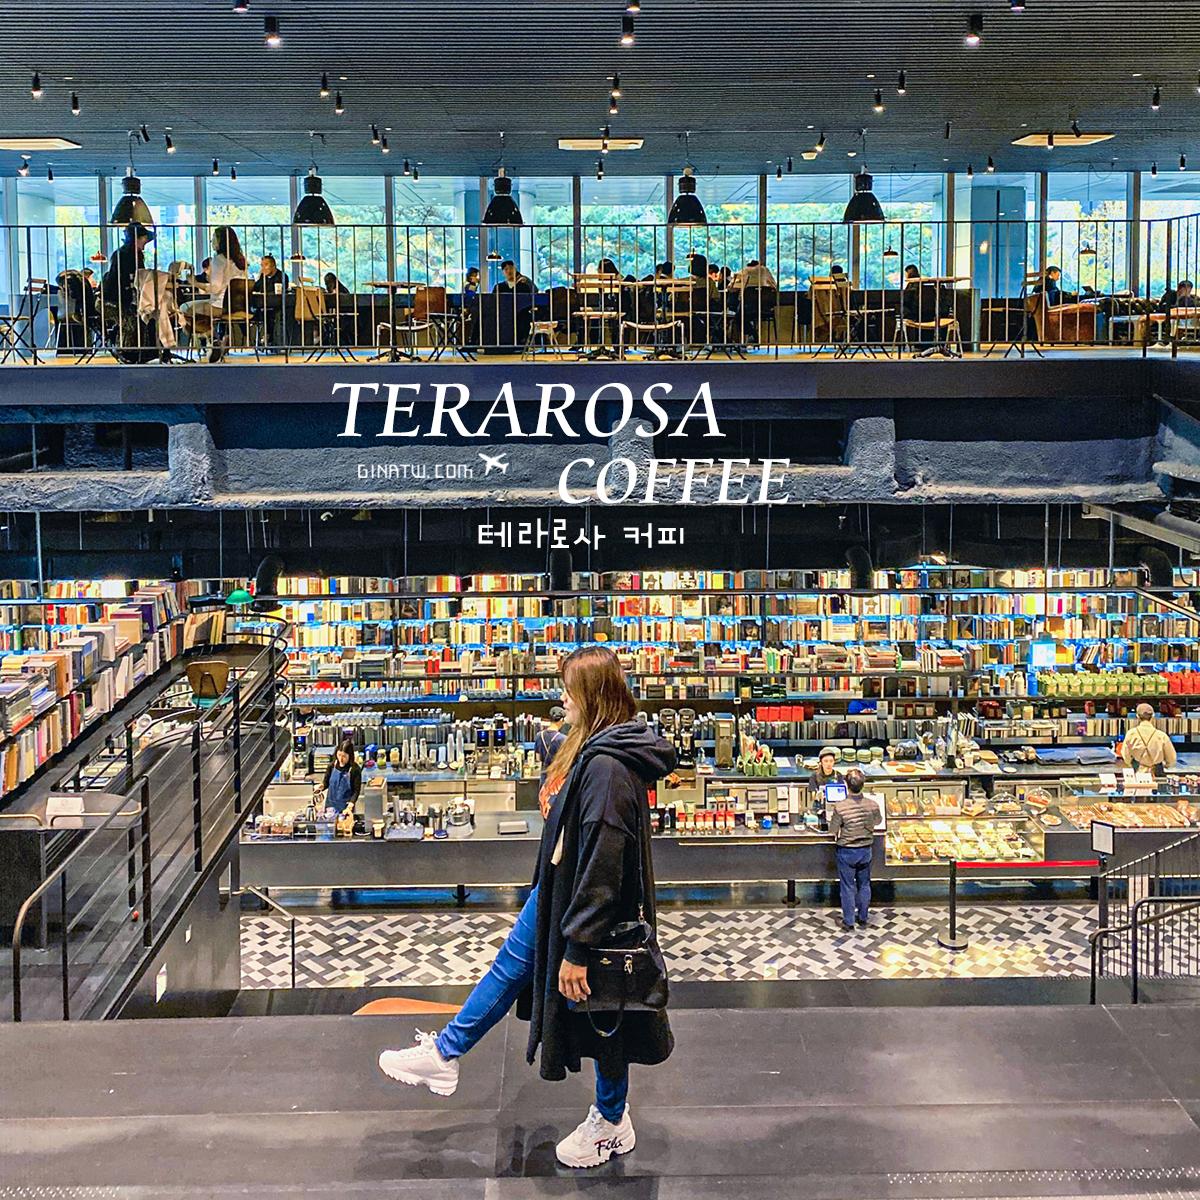 【江南下午茶】TERAROSA COFFEE|首爾書店咖啡廳|近三成、宣陵站|附菜單、地圖、地址、營業時間|韓劇壞男人、你能聽見我的心嗎拍攝景點 @GINA環球旅行生活|不會韓文也可以去韓國